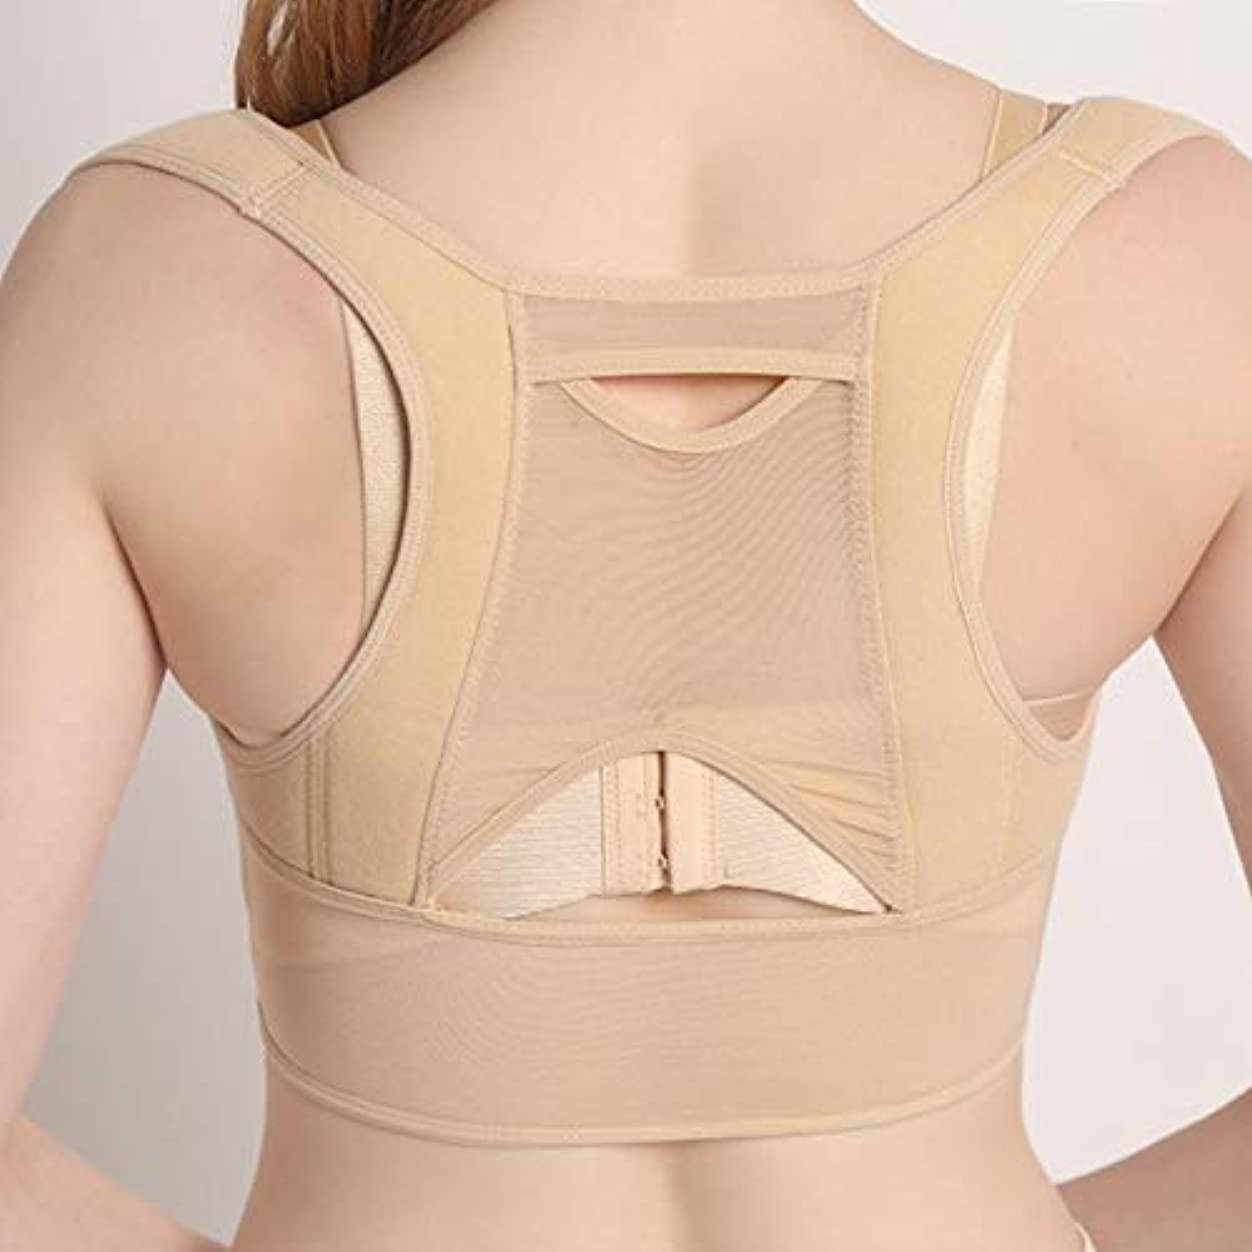 談話失われたセッション通気性のある女性の背中の姿勢矯正コルセット整形外科の肩の背骨の背骨の姿勢矯正腰椎サポート